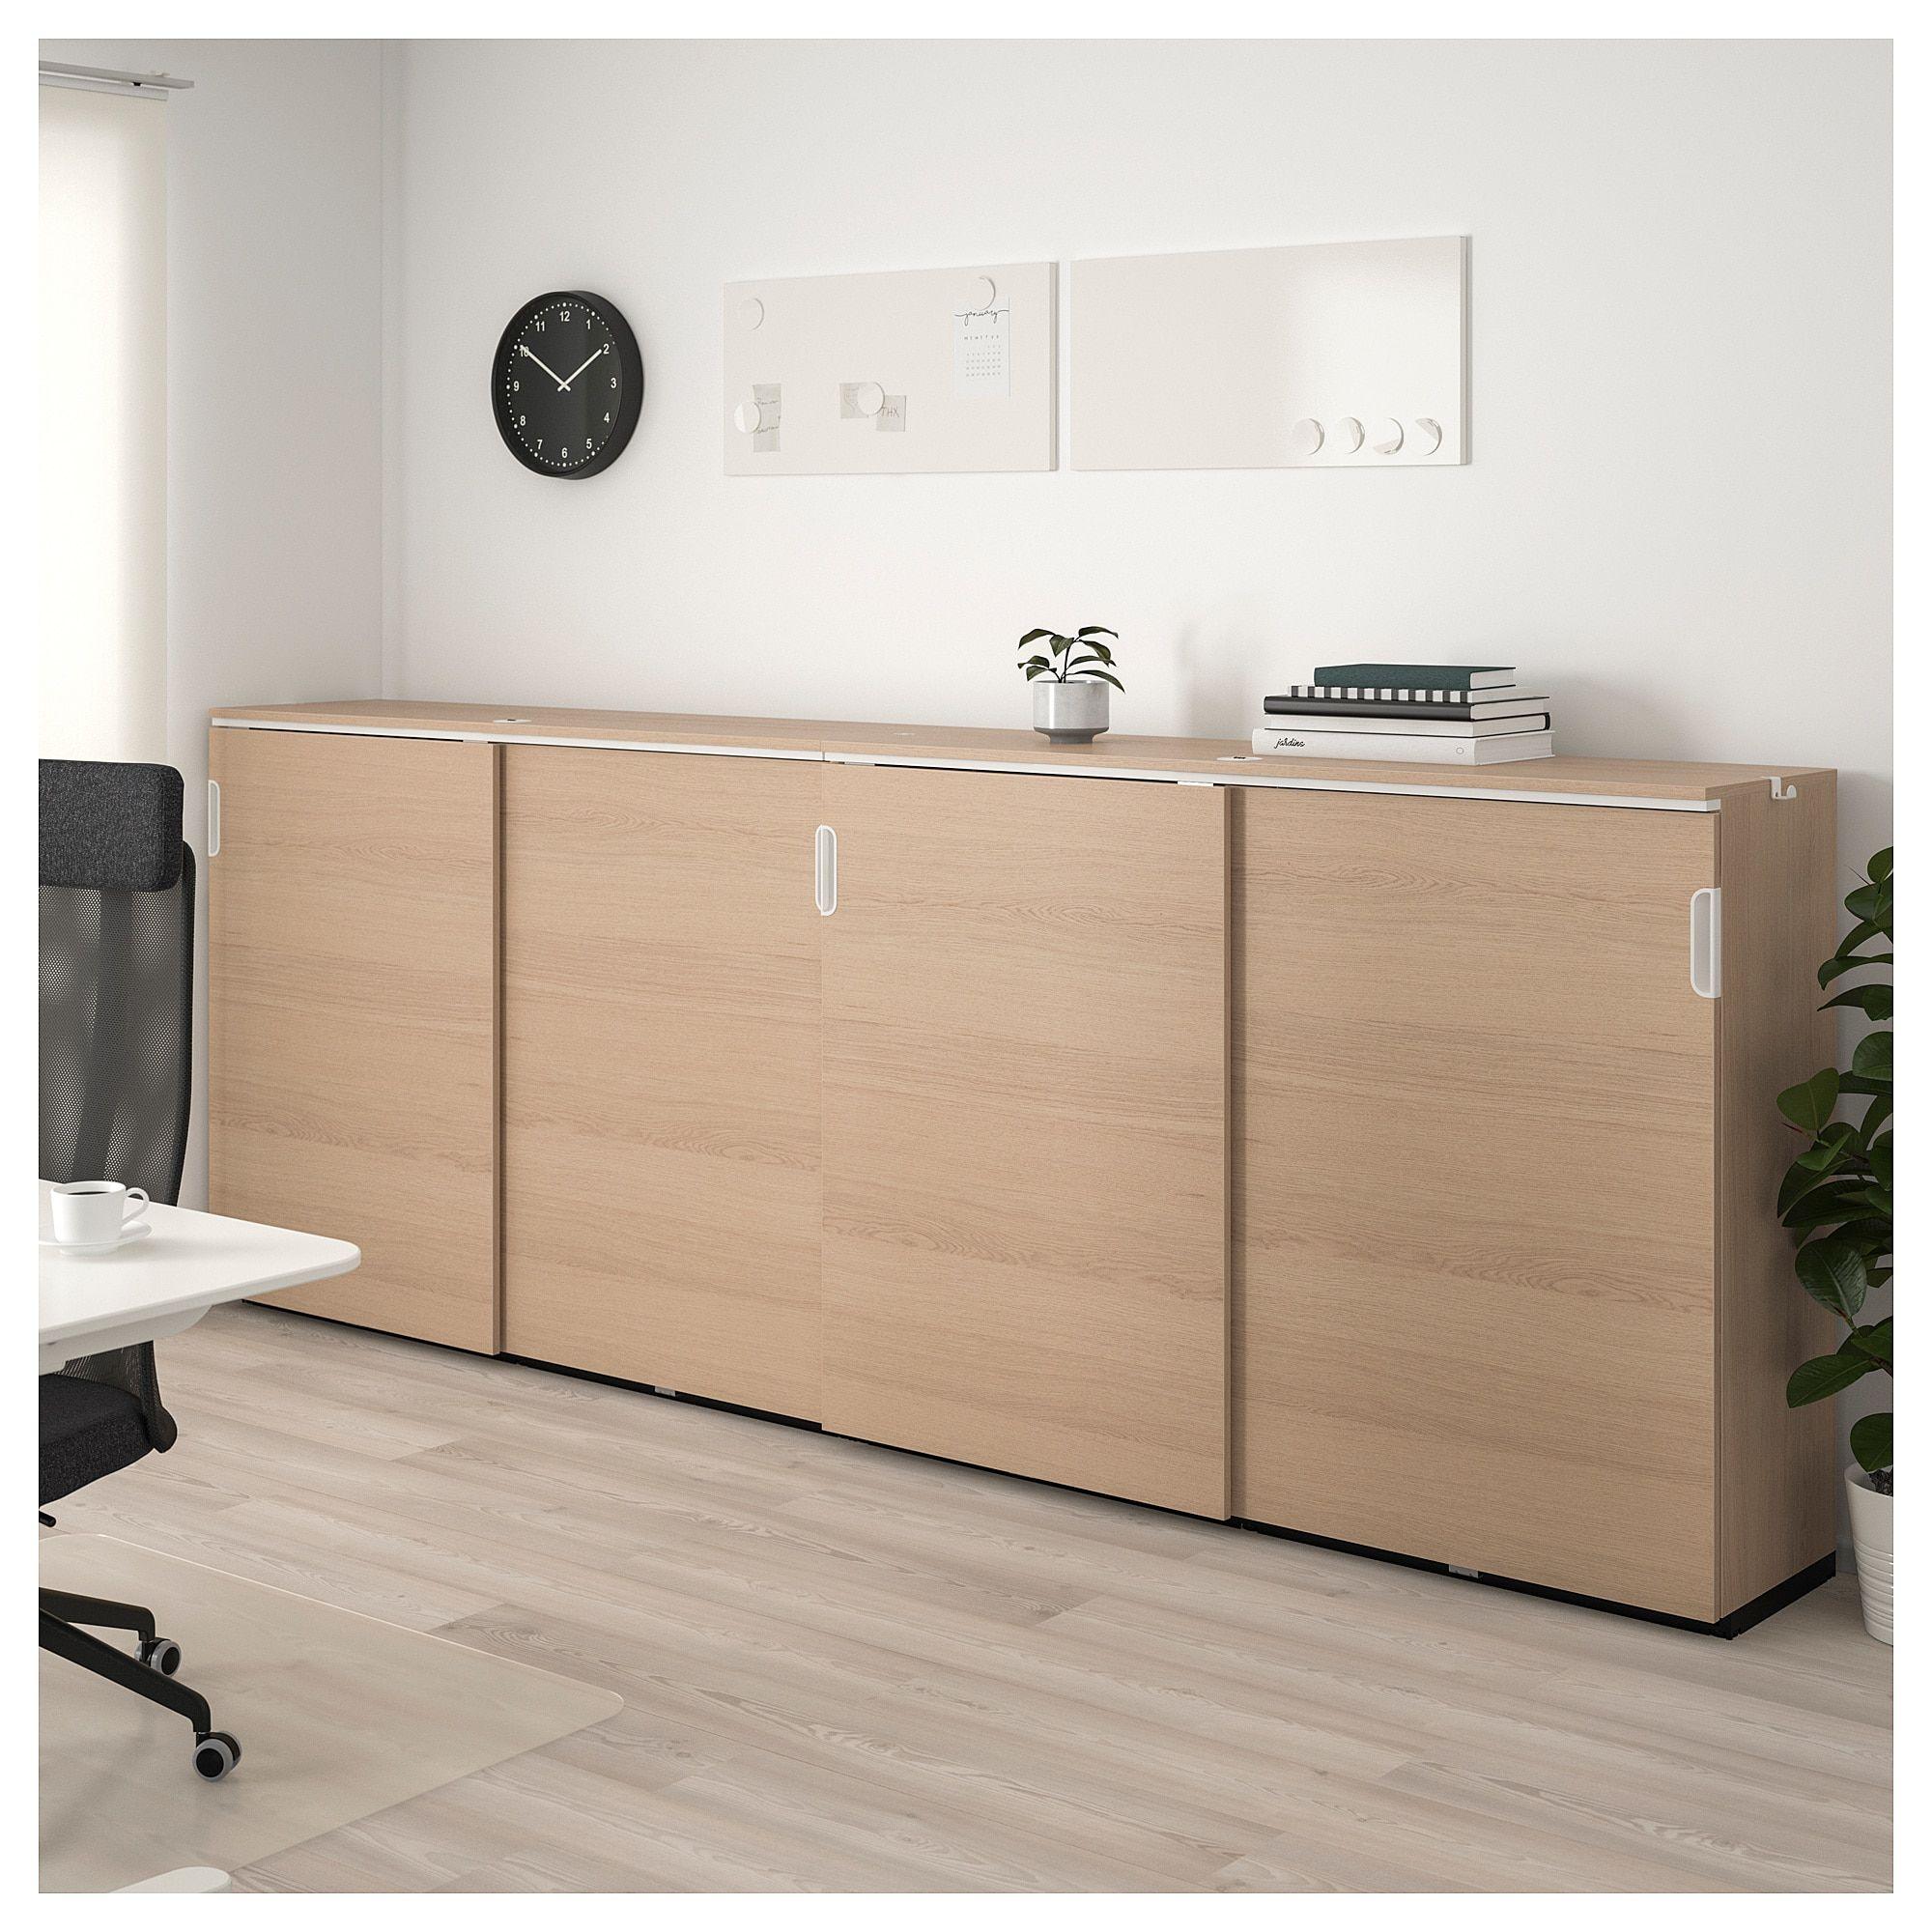 Full Size of Küche Ikea Kosten Glastrennwand Dusche Sofa Mit Schlaffunktion Miniküche Garten Trennwand Betten 160x200 Modulküche Bei Kaufen Wohnzimmer Trennwand Ikea